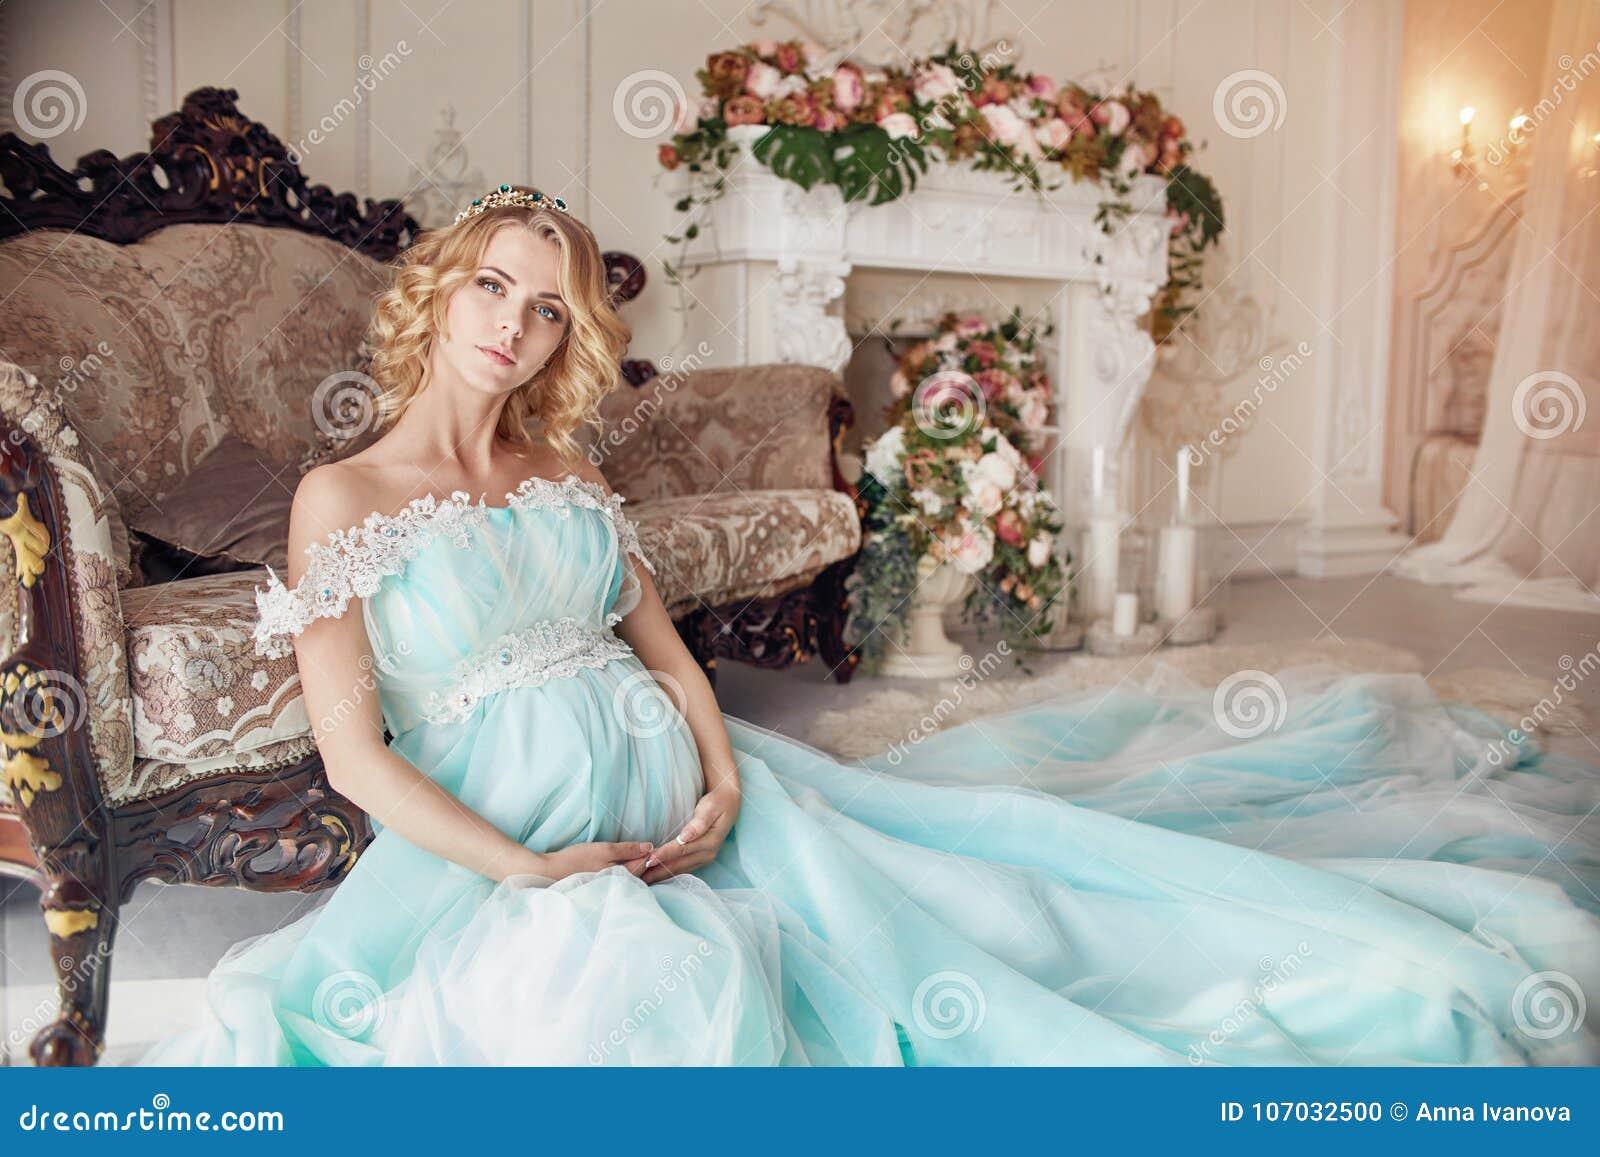 1e1f1db72 Mujer rubia embarazada de la moda de lujo en un vestido de boda Casarse a  la mujer embarazada La muchacha está esperando el nacimiento de un niño  Vestido ...